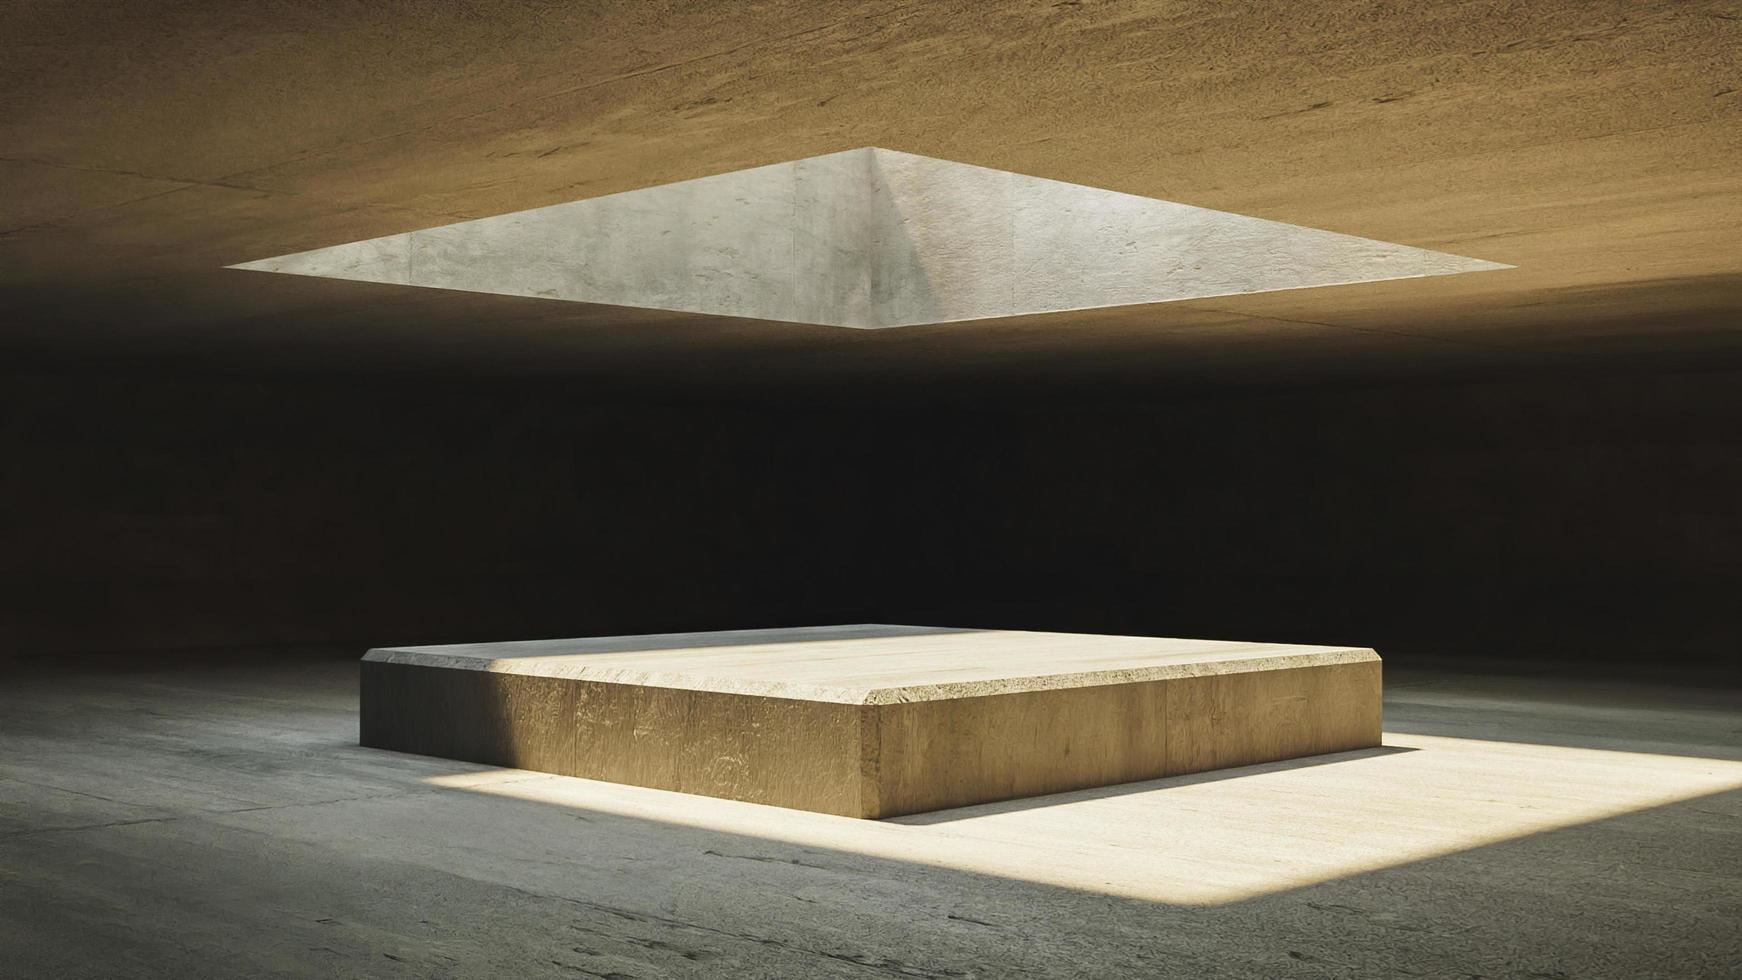 interior con paredes de hormigón y ventana superior foto